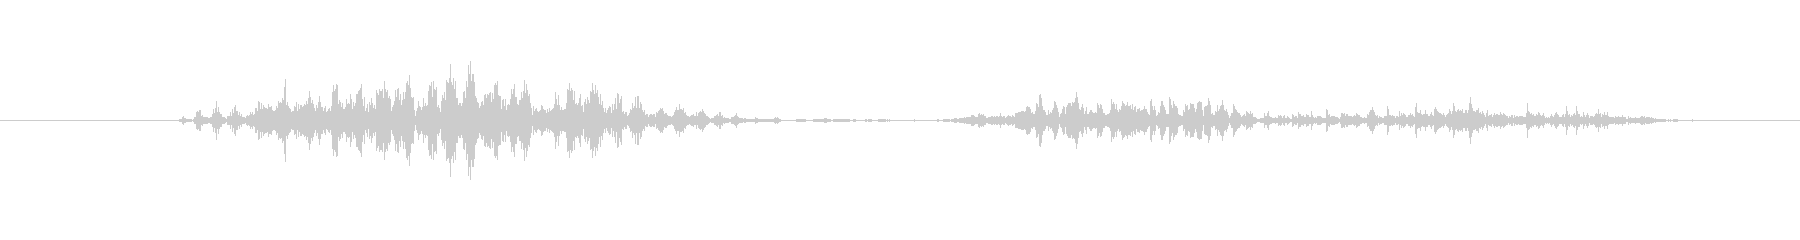 モンスター ハイヒット14の未再生の波形